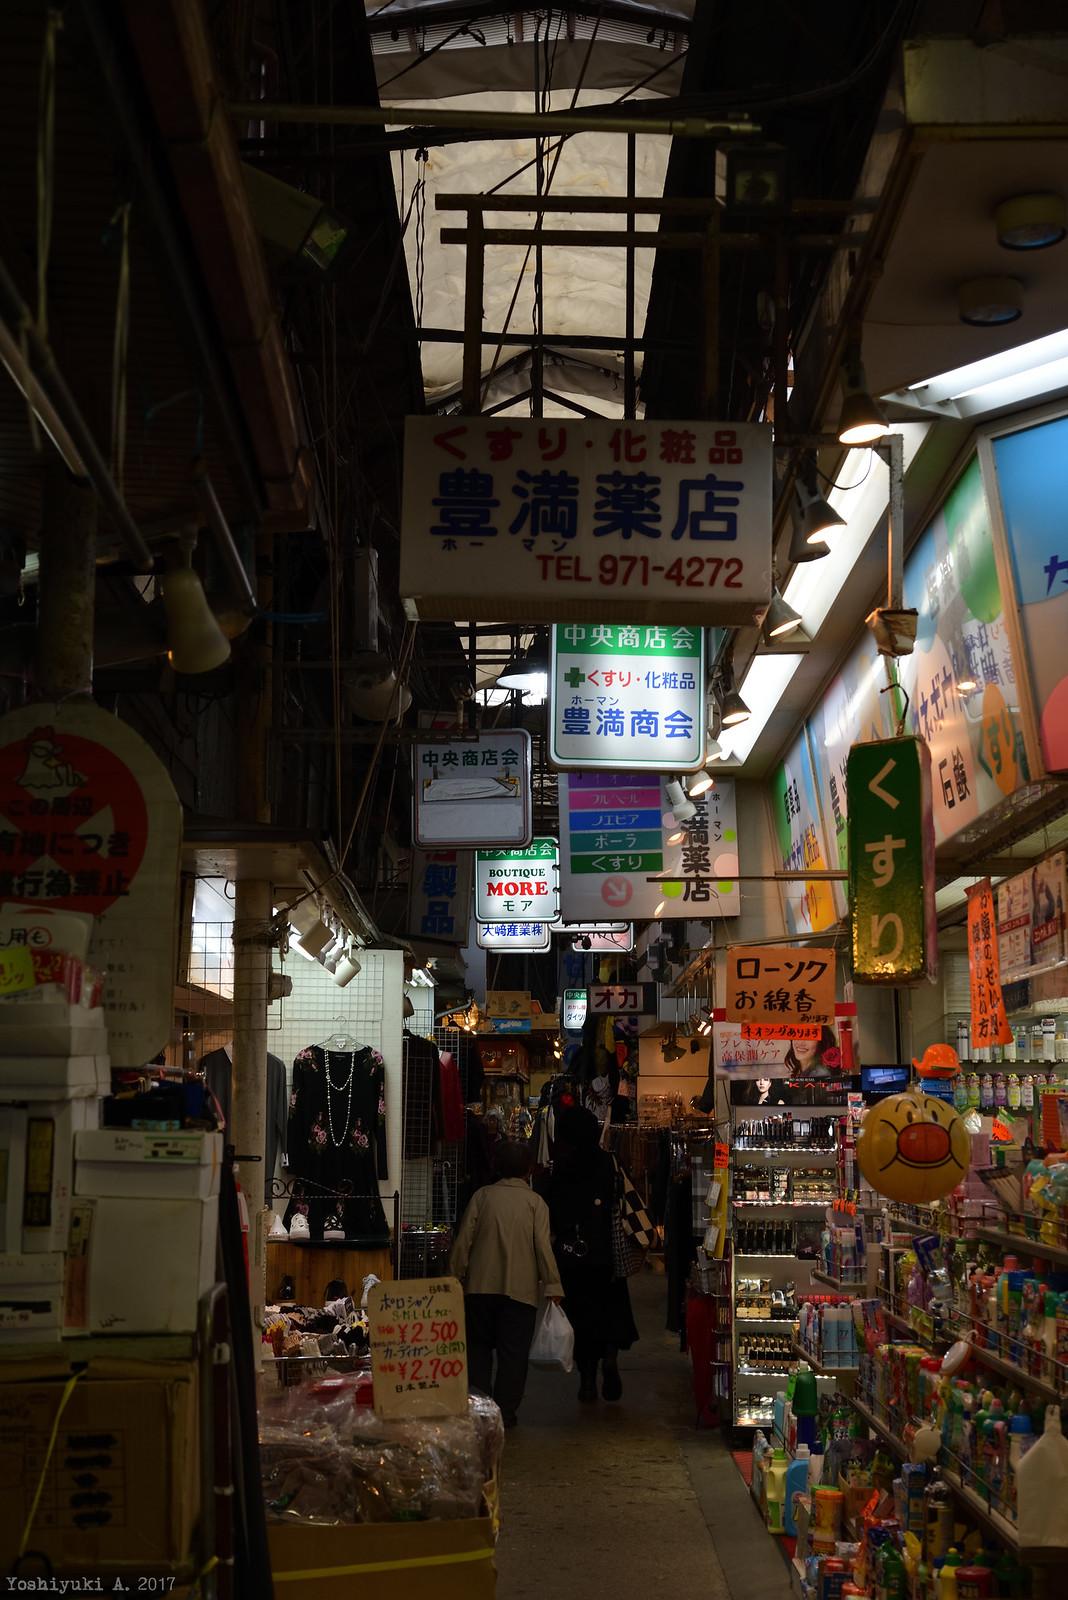 鶴橋_DS7_9532_nxd